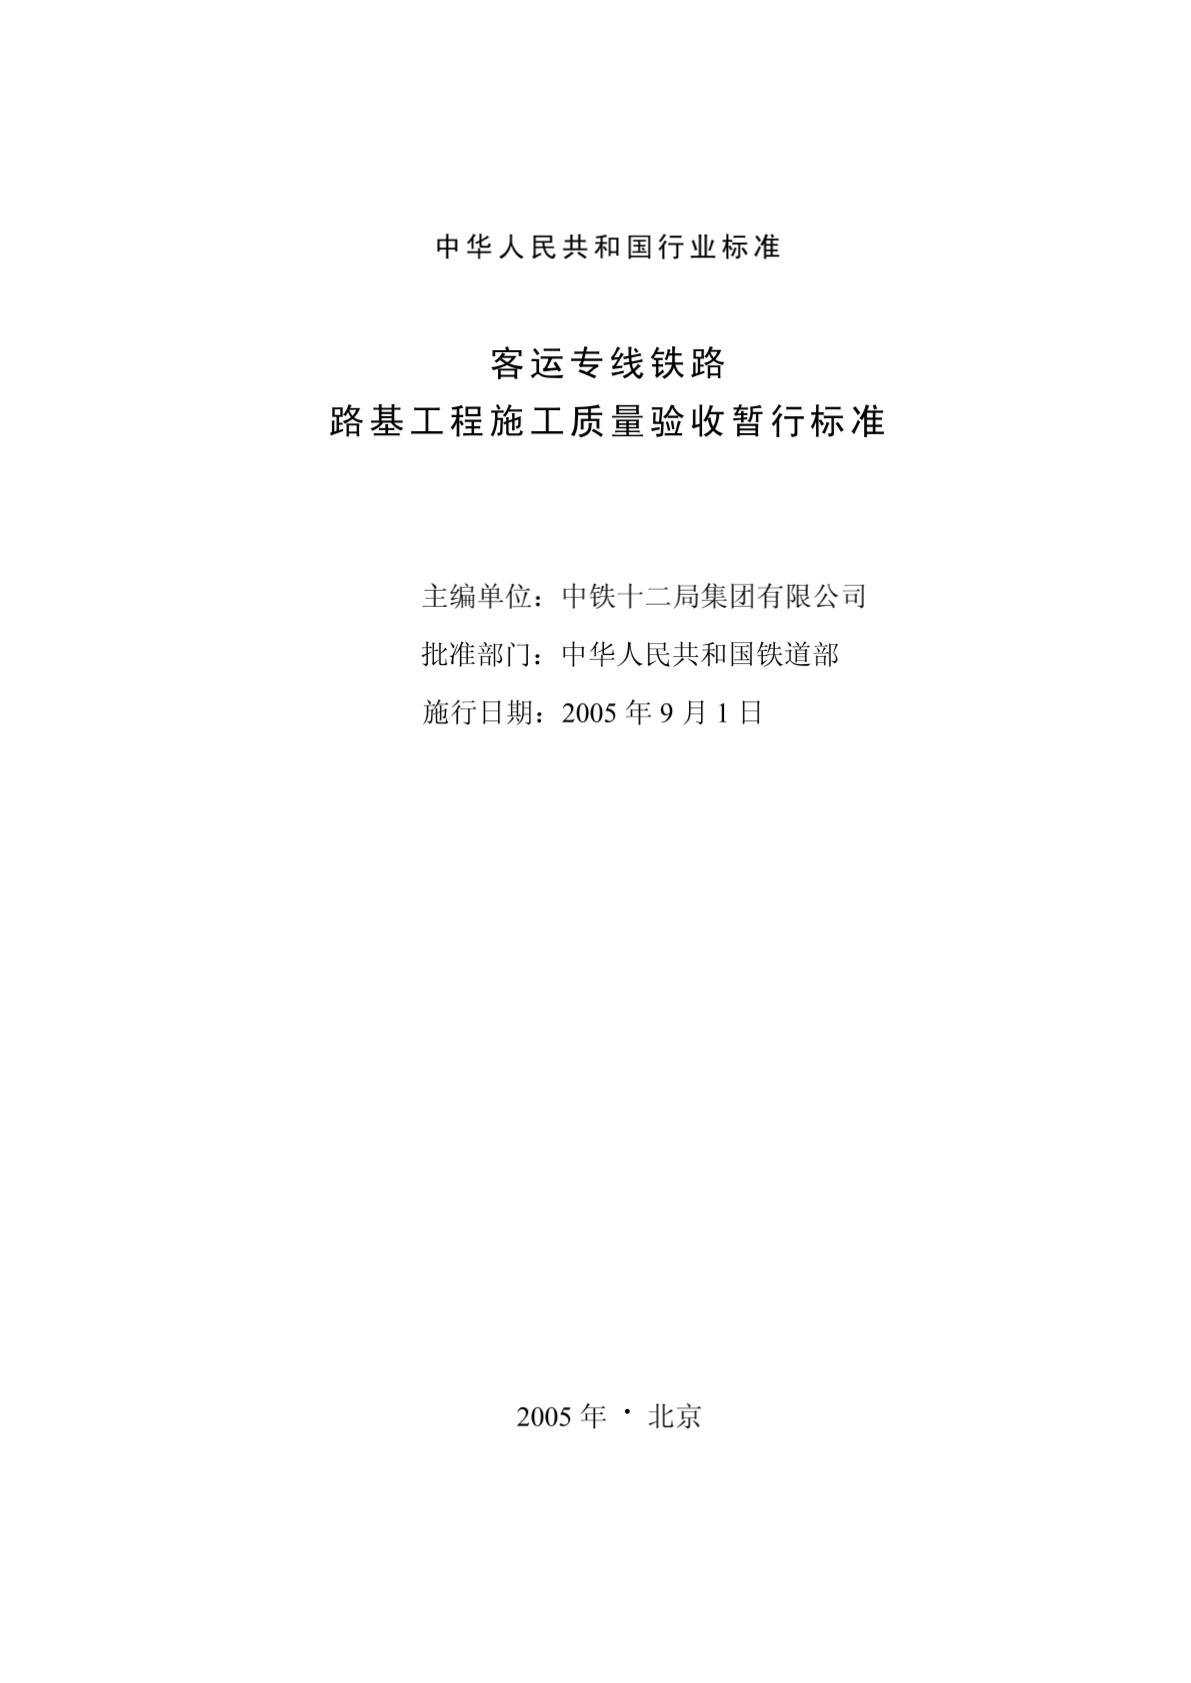 中华人民共和国行业标准-客运专线铁路路基工程施工质量验收暂行标准-图二